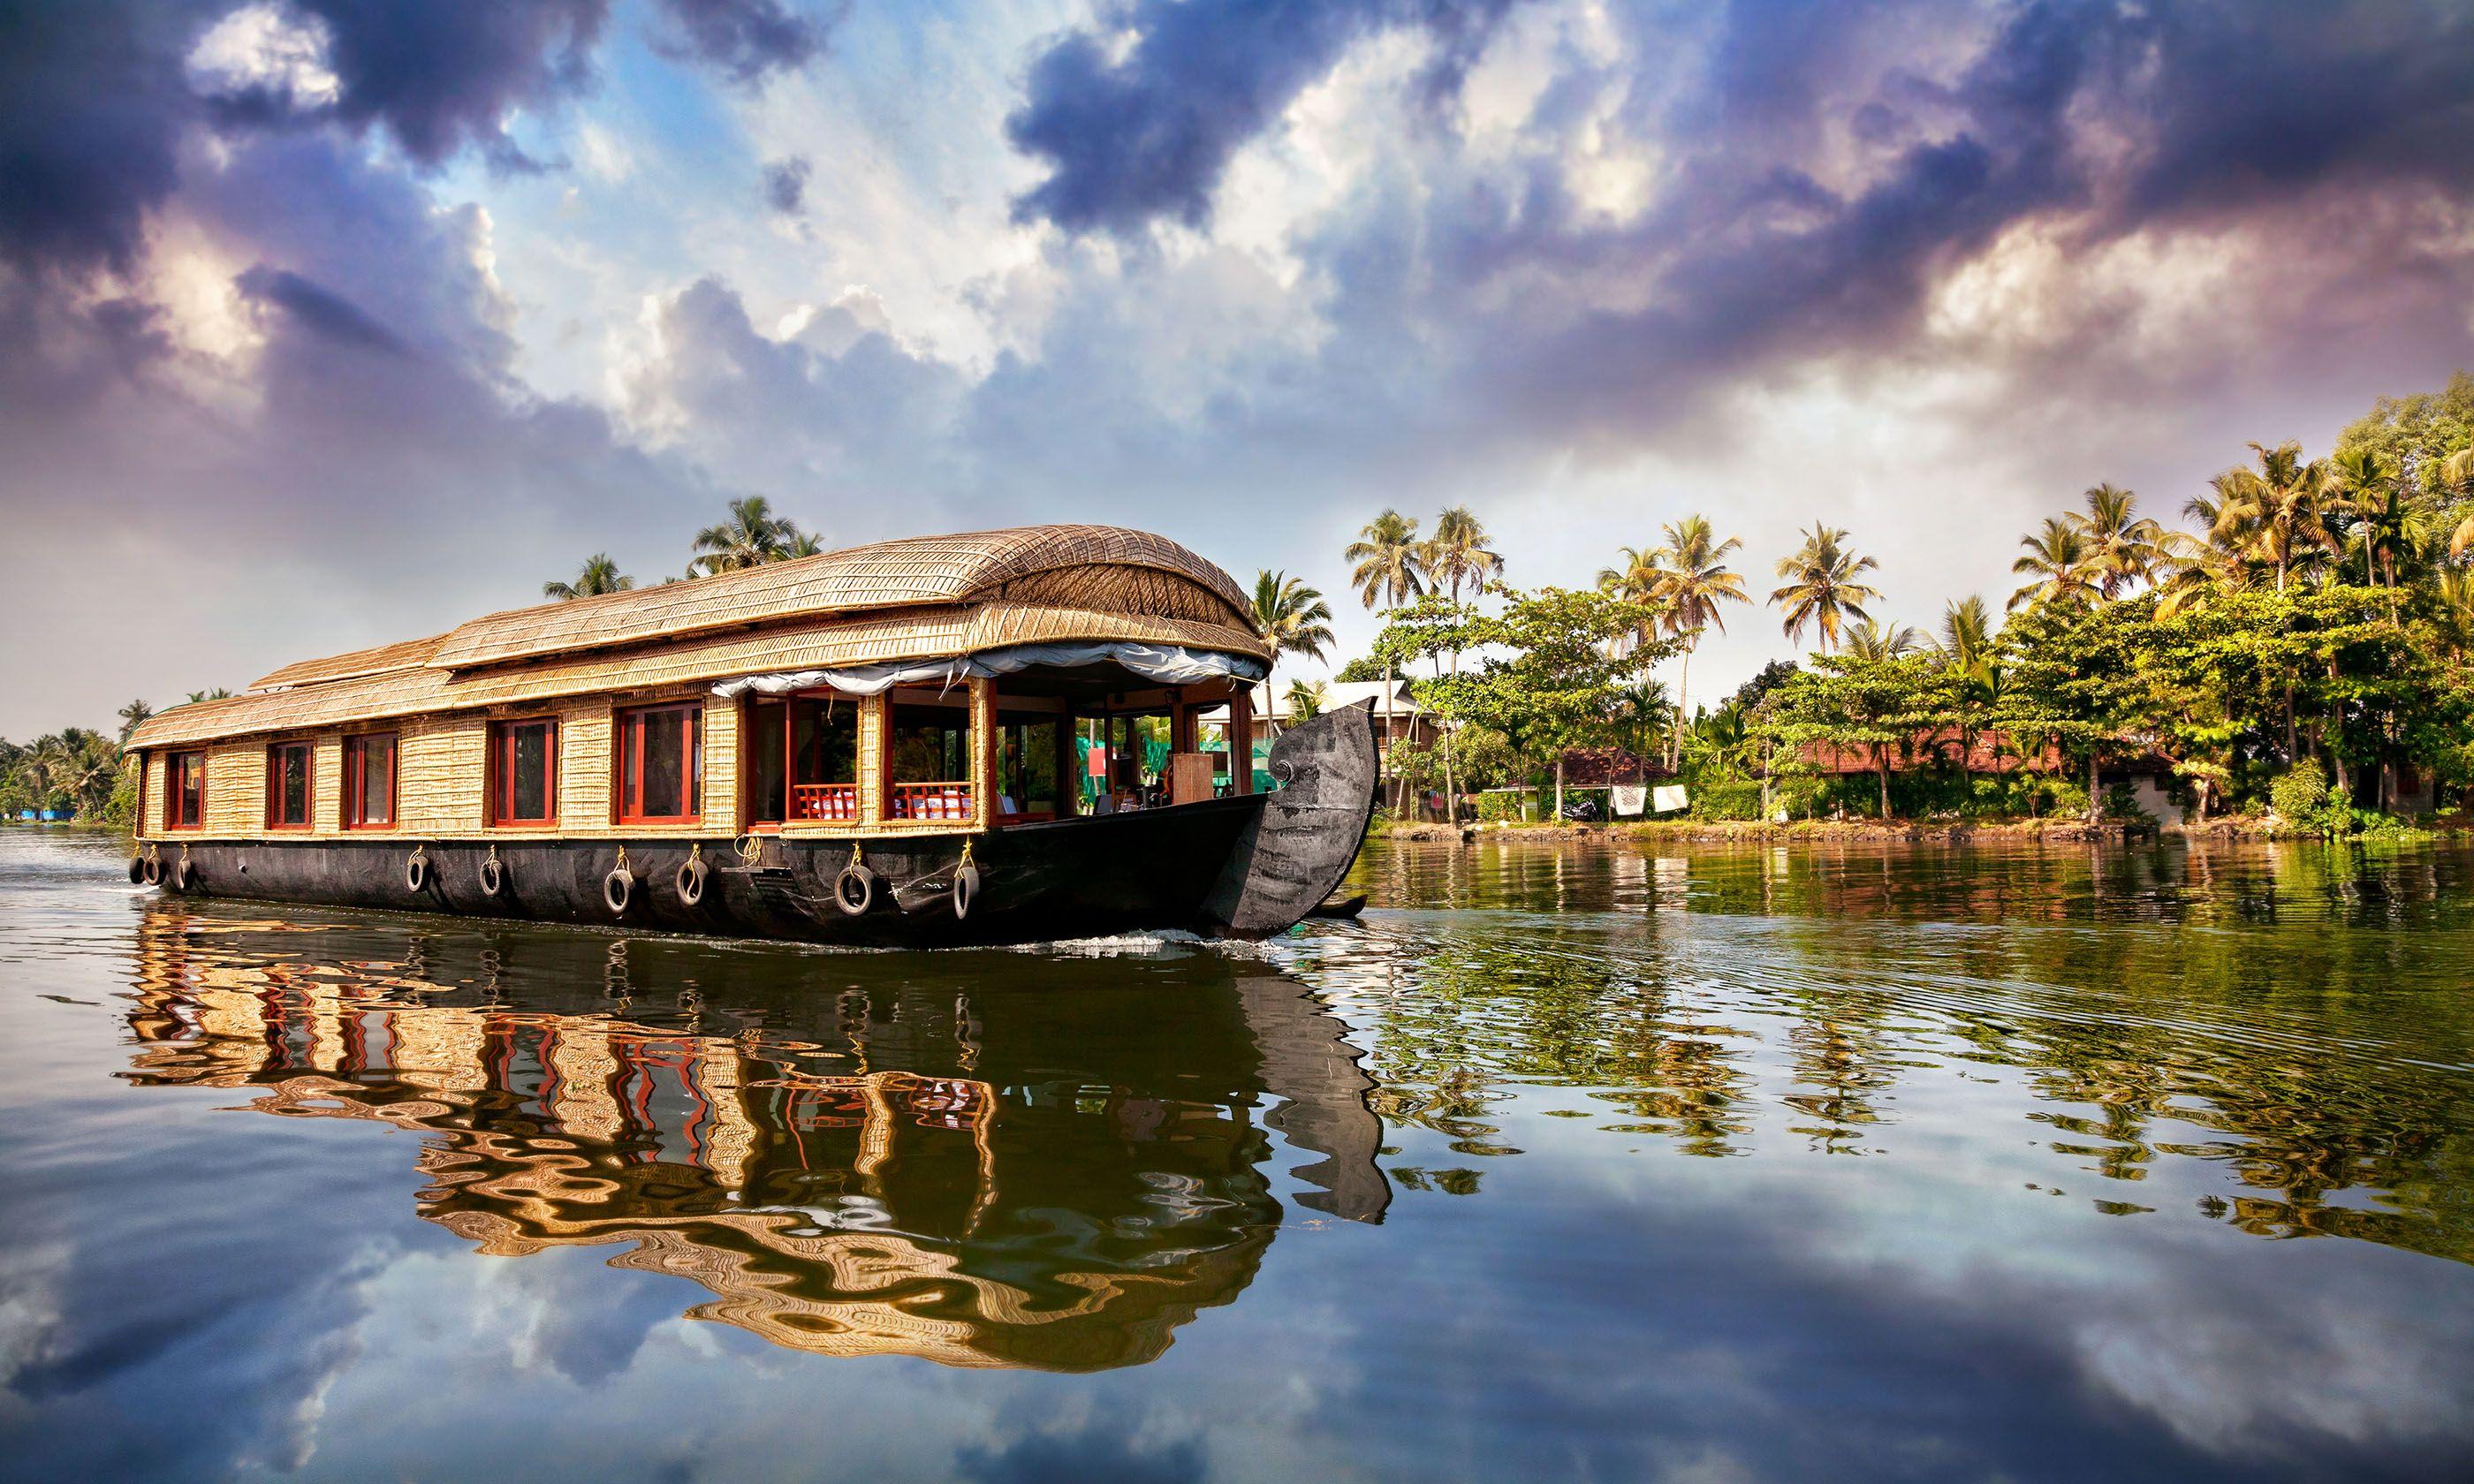 House boat in Kerala (Shutterstock.com)